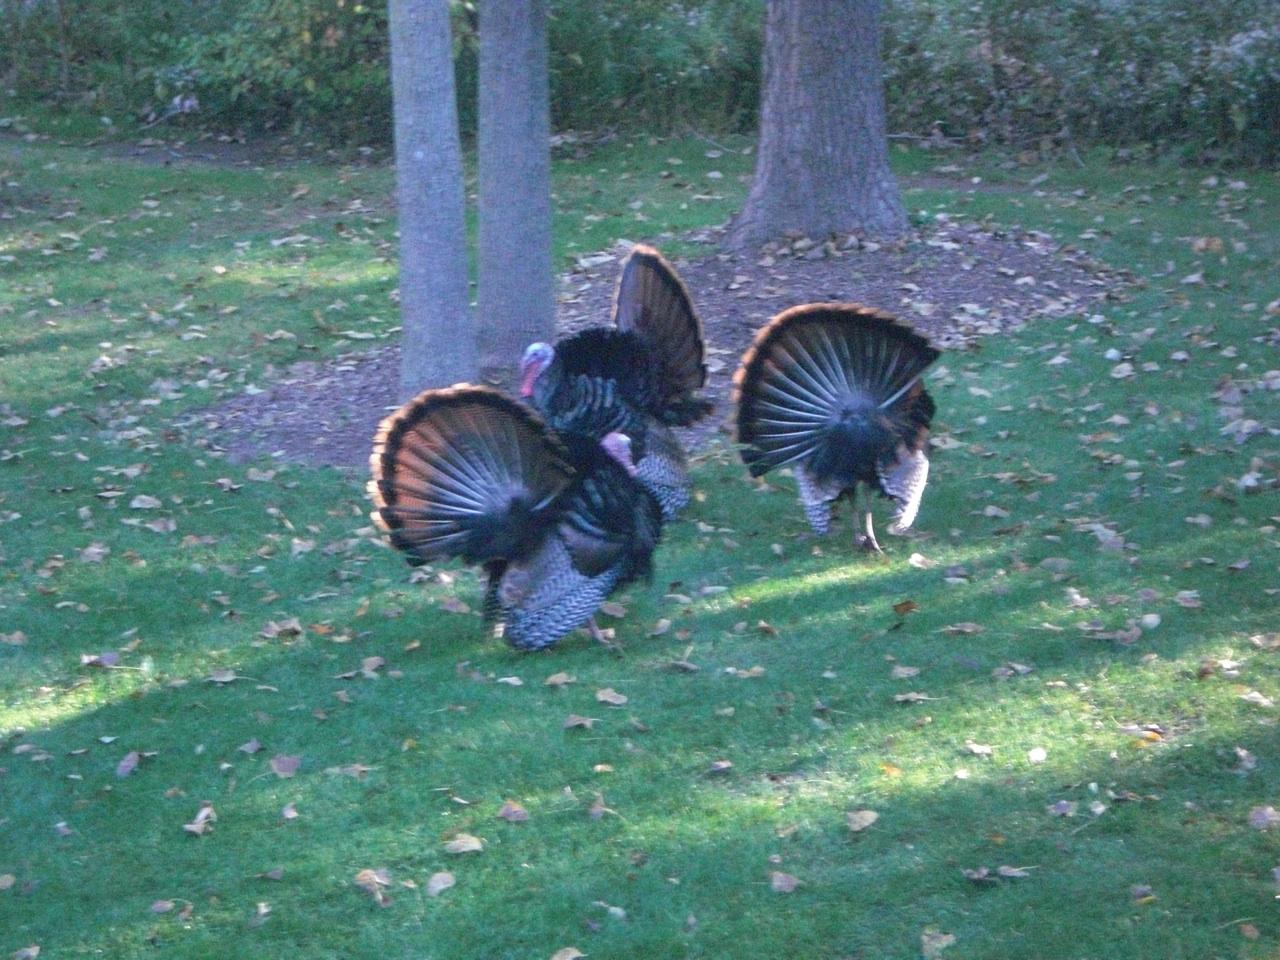 Turkey's In Our Backyard.